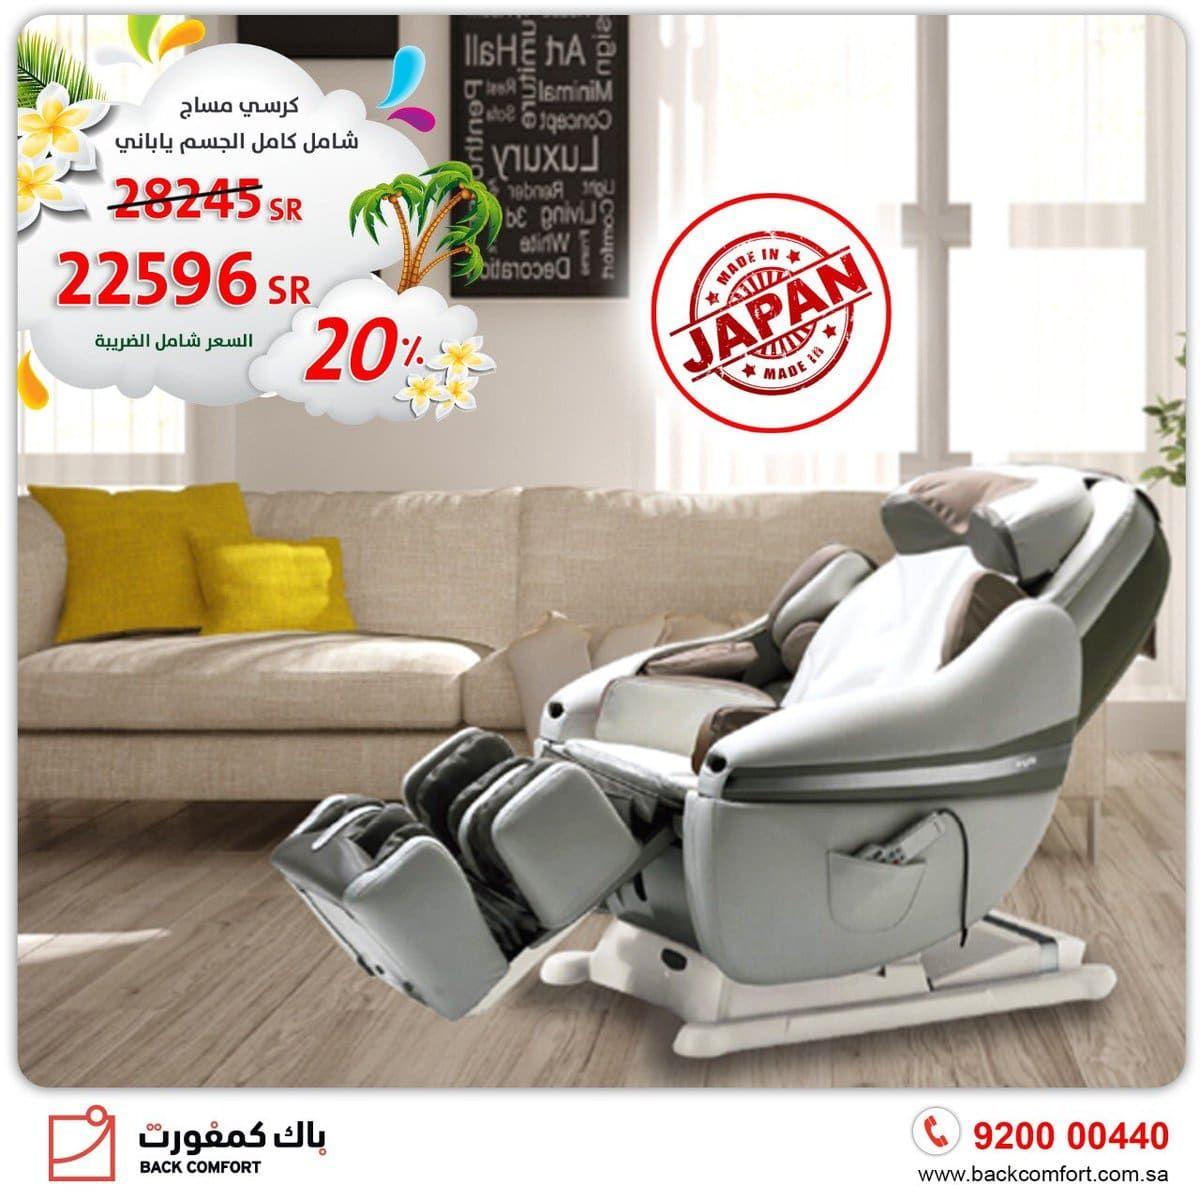 عروض وخصومات باك كمفورت علي كرسي مساج ياباني 20 اقوي عروض الصيف عروض اليوم Chair Massage Chair Electric Massage Chair